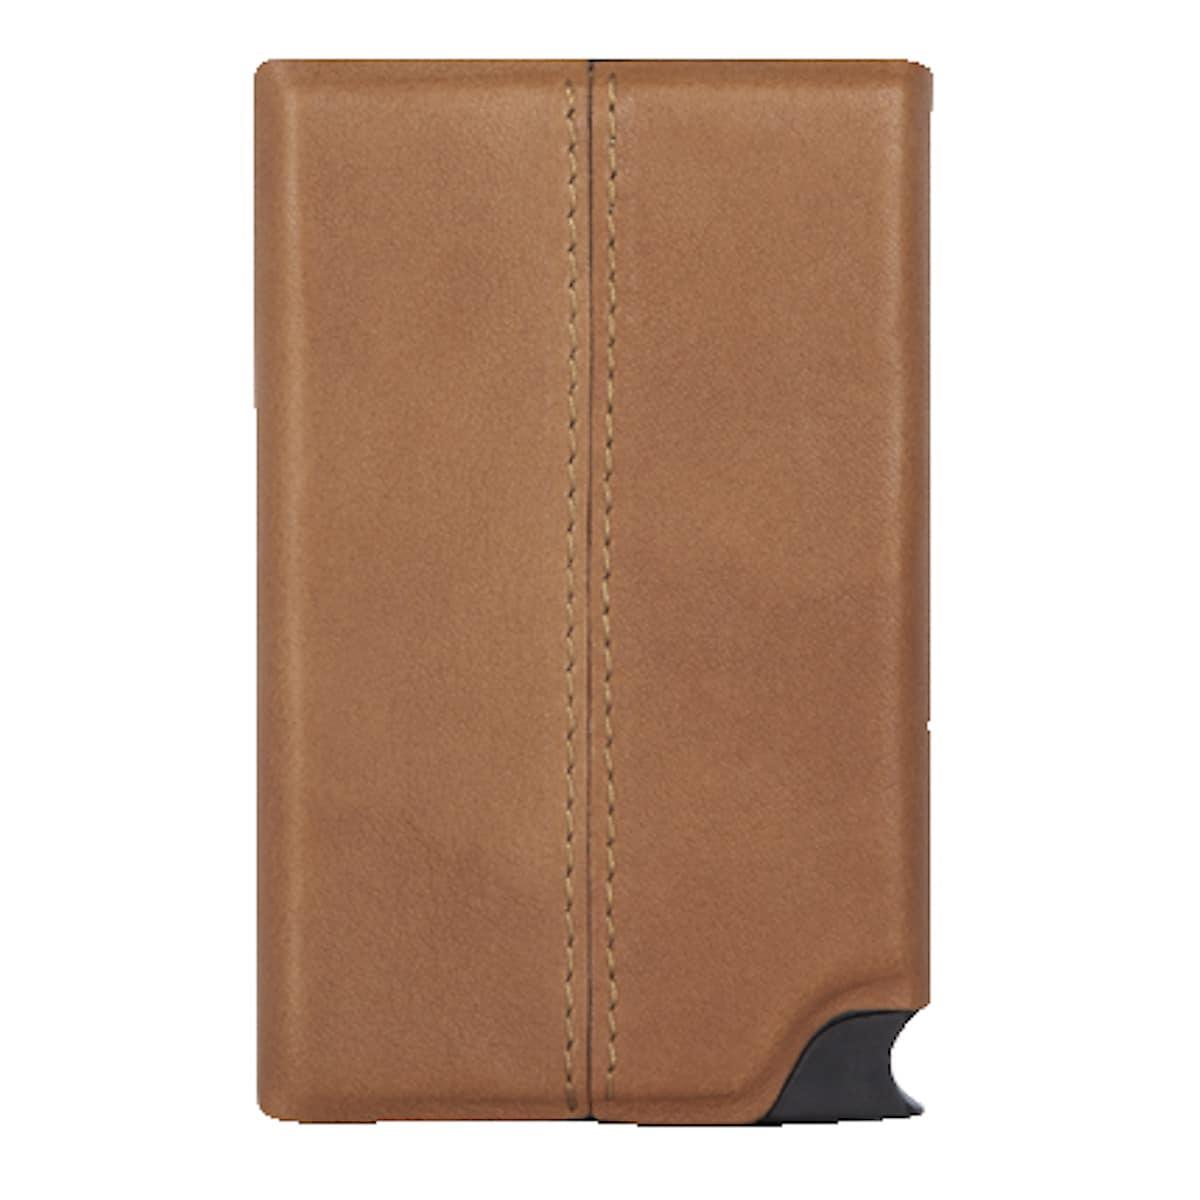 Ercko,  mobildeksel med kortholder til iPhone X/XS